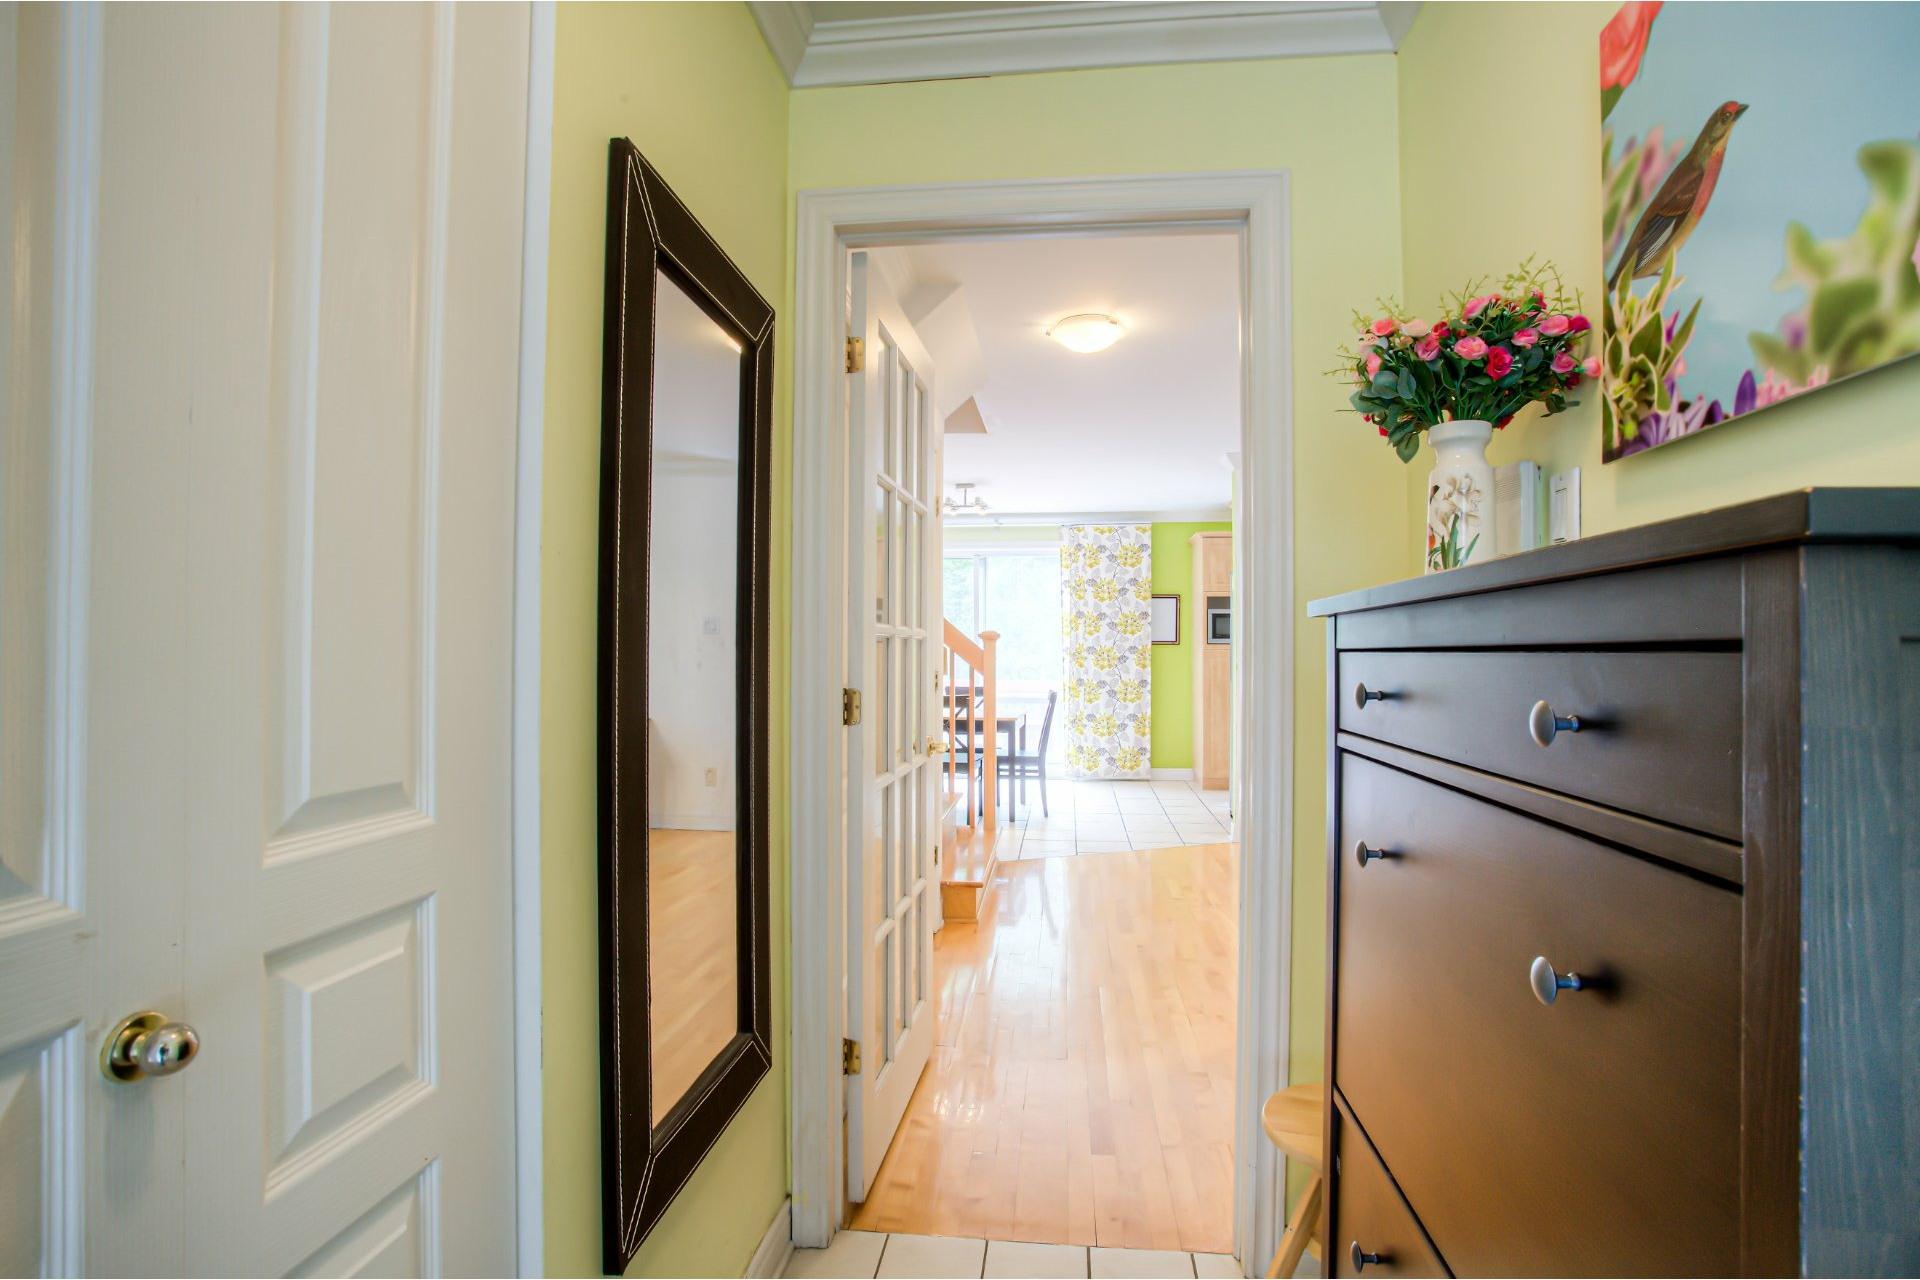 image 4 - Maison À vendre Pierrefonds-Roxboro Montréal  - 11 pièces